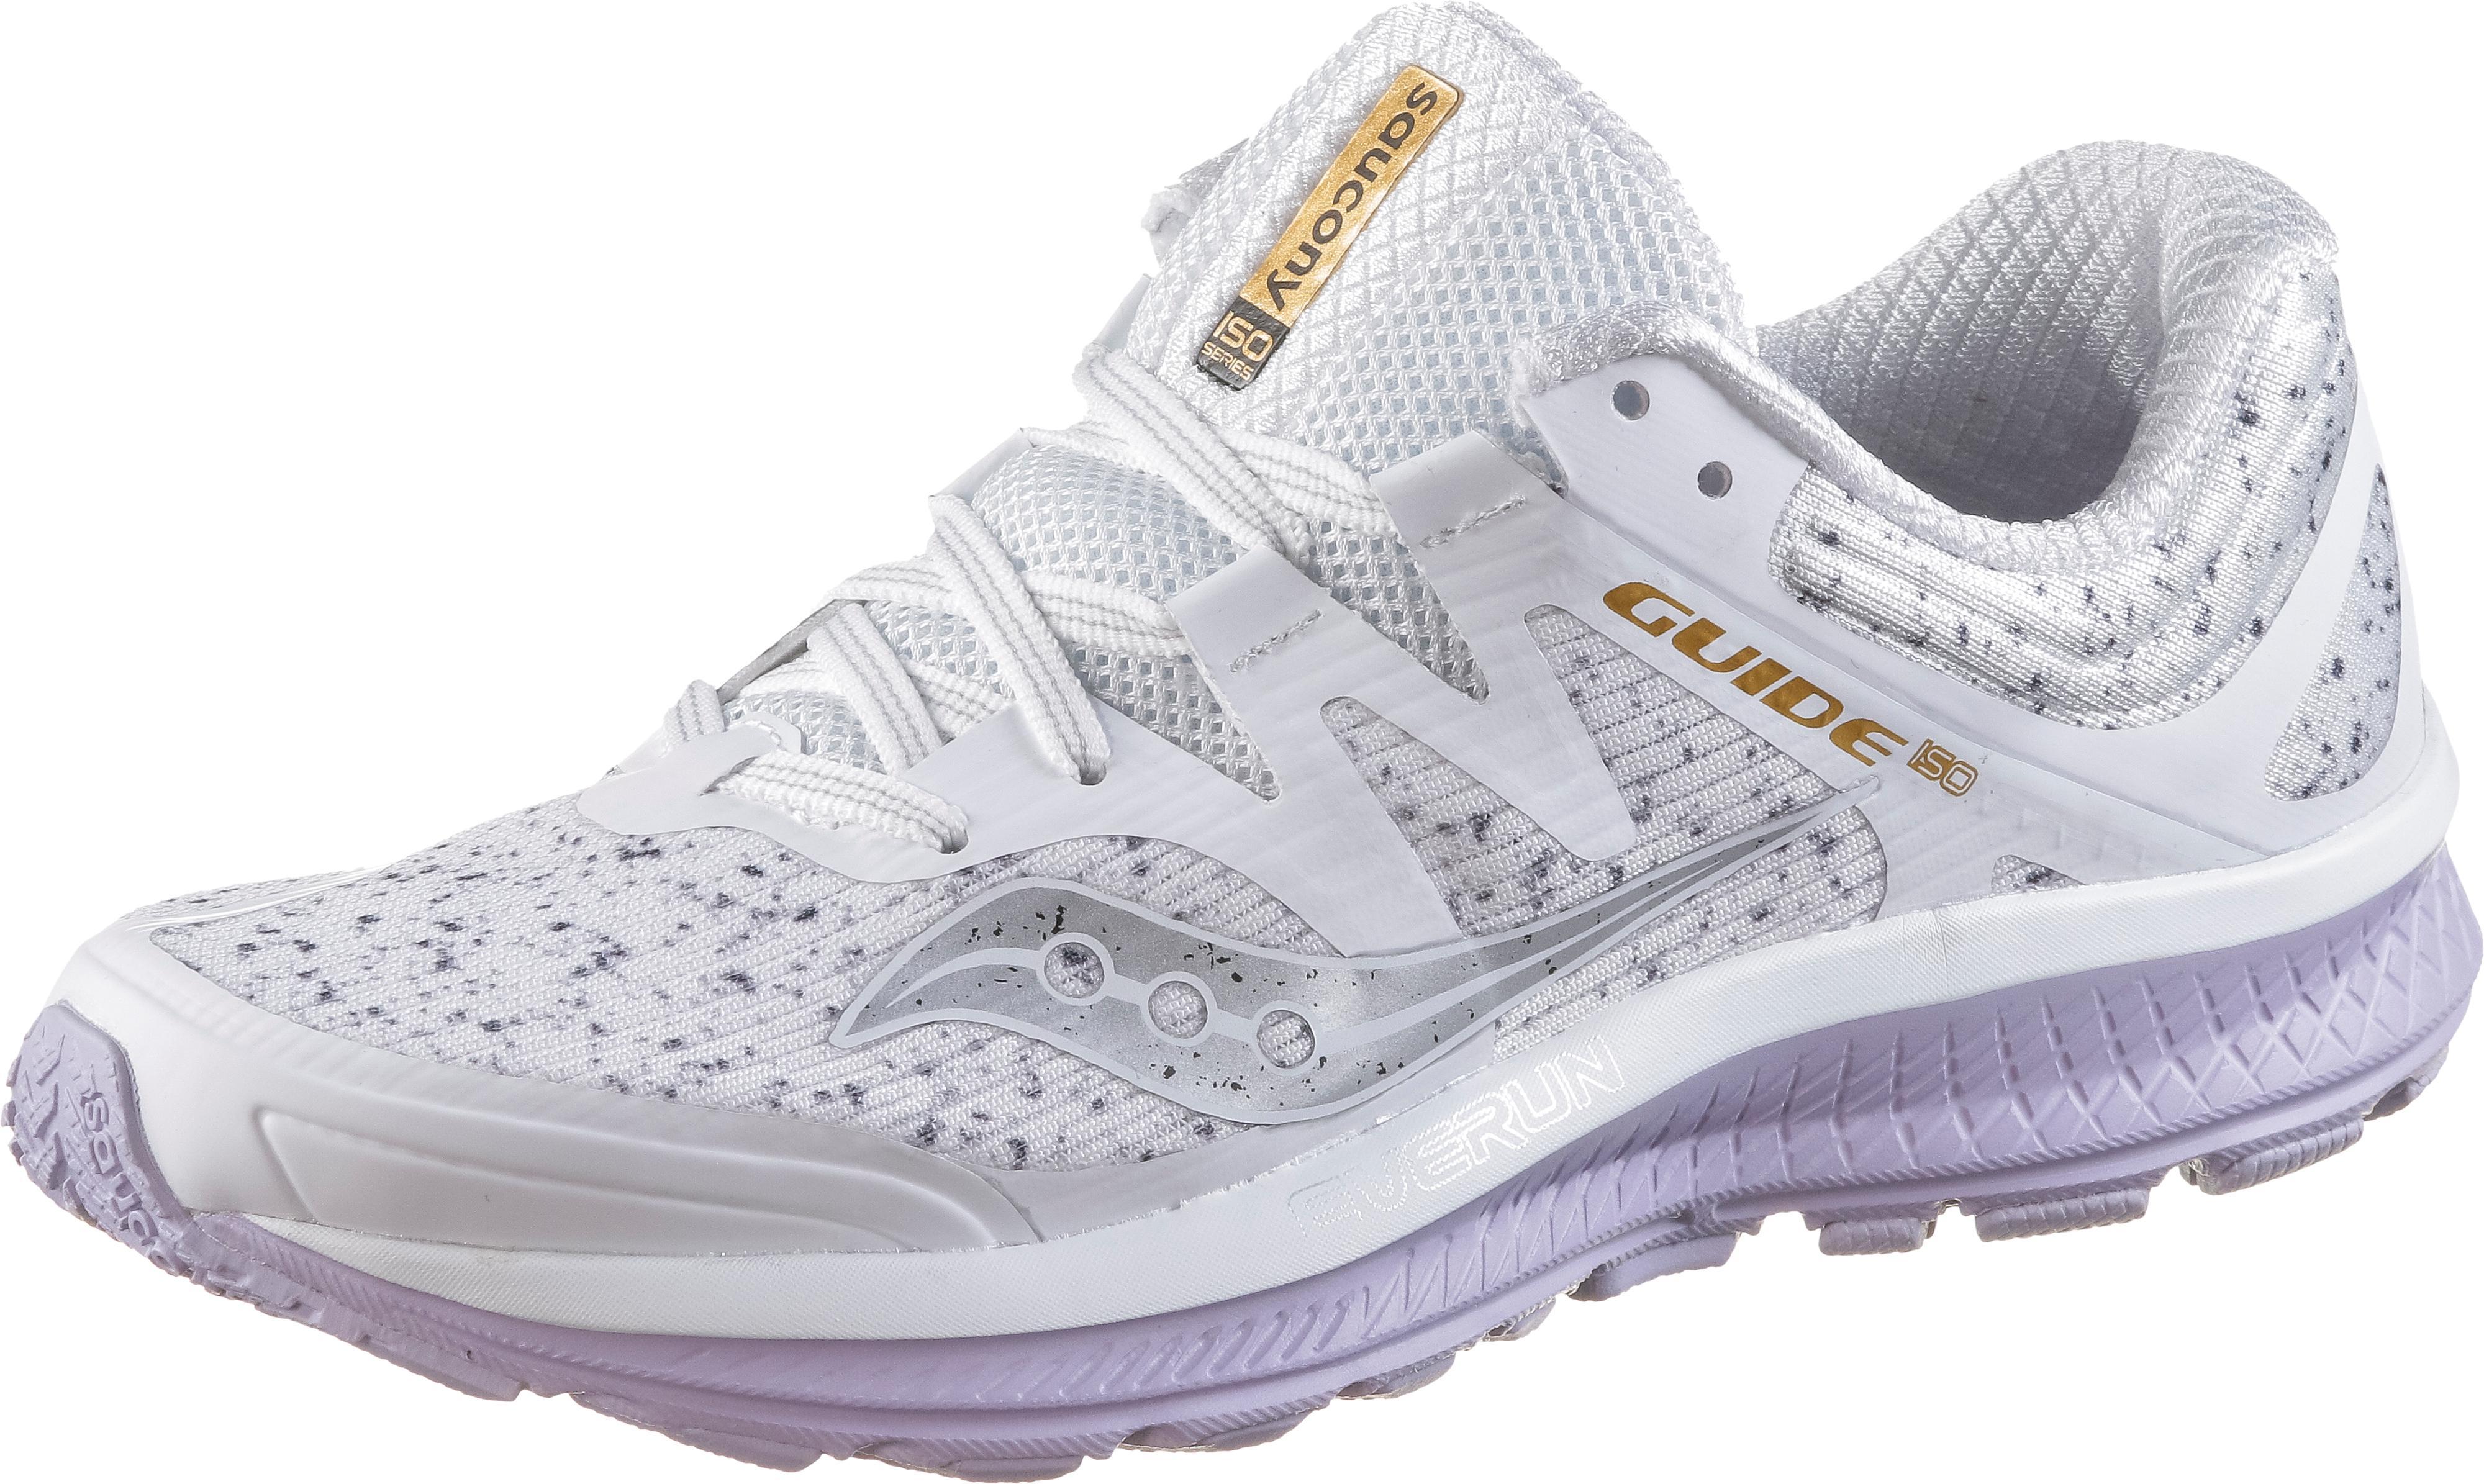 Saucony GUIDE ISO Laufschuhe Damen Weiß im Online Shop von SportScheck kaufen Gute Qualität beliebte Schuhe